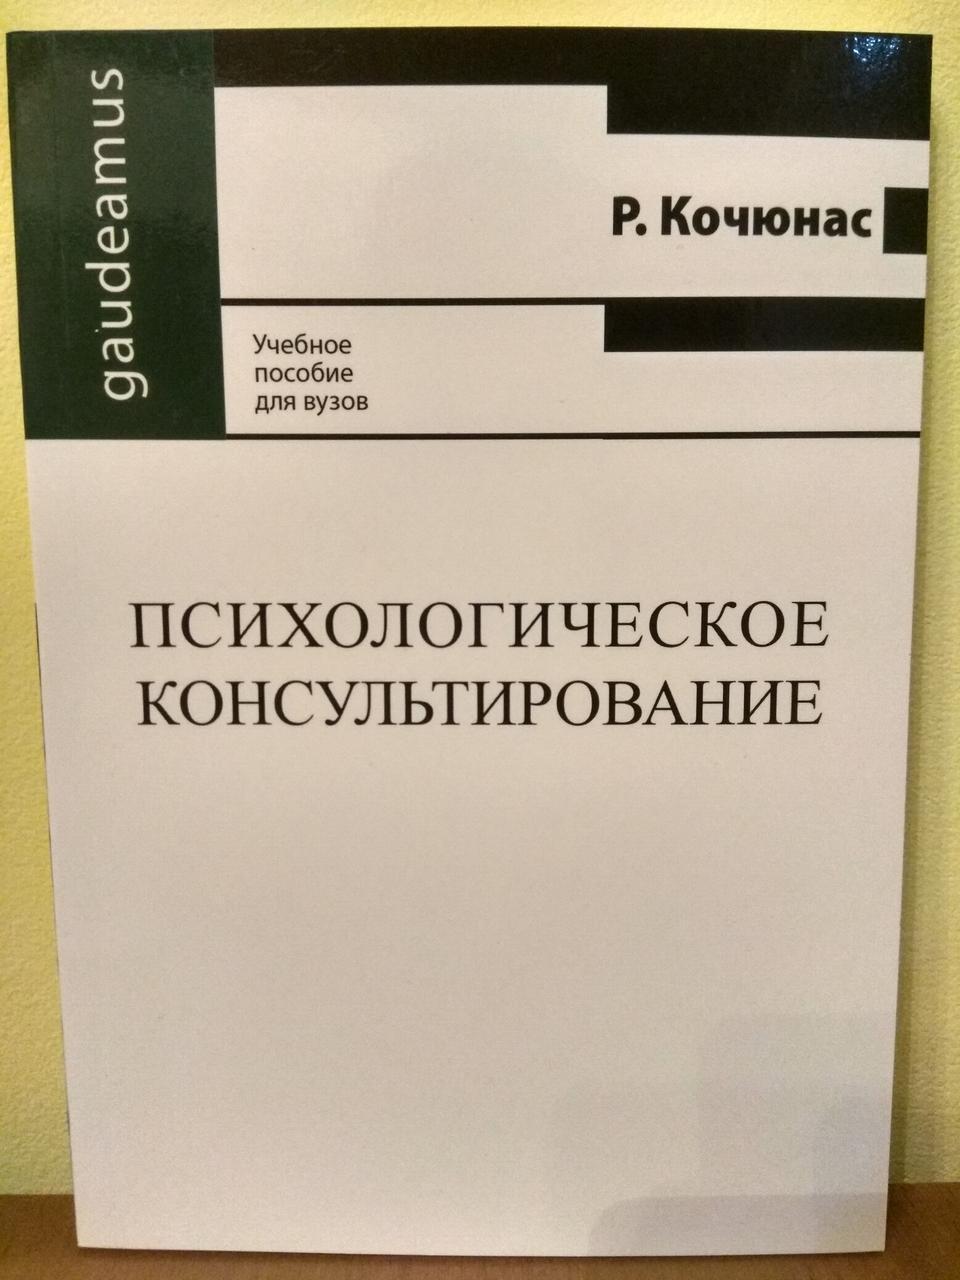 Римантас Кочюнас: Психологическое консультирование. Учебное пособие для вузов